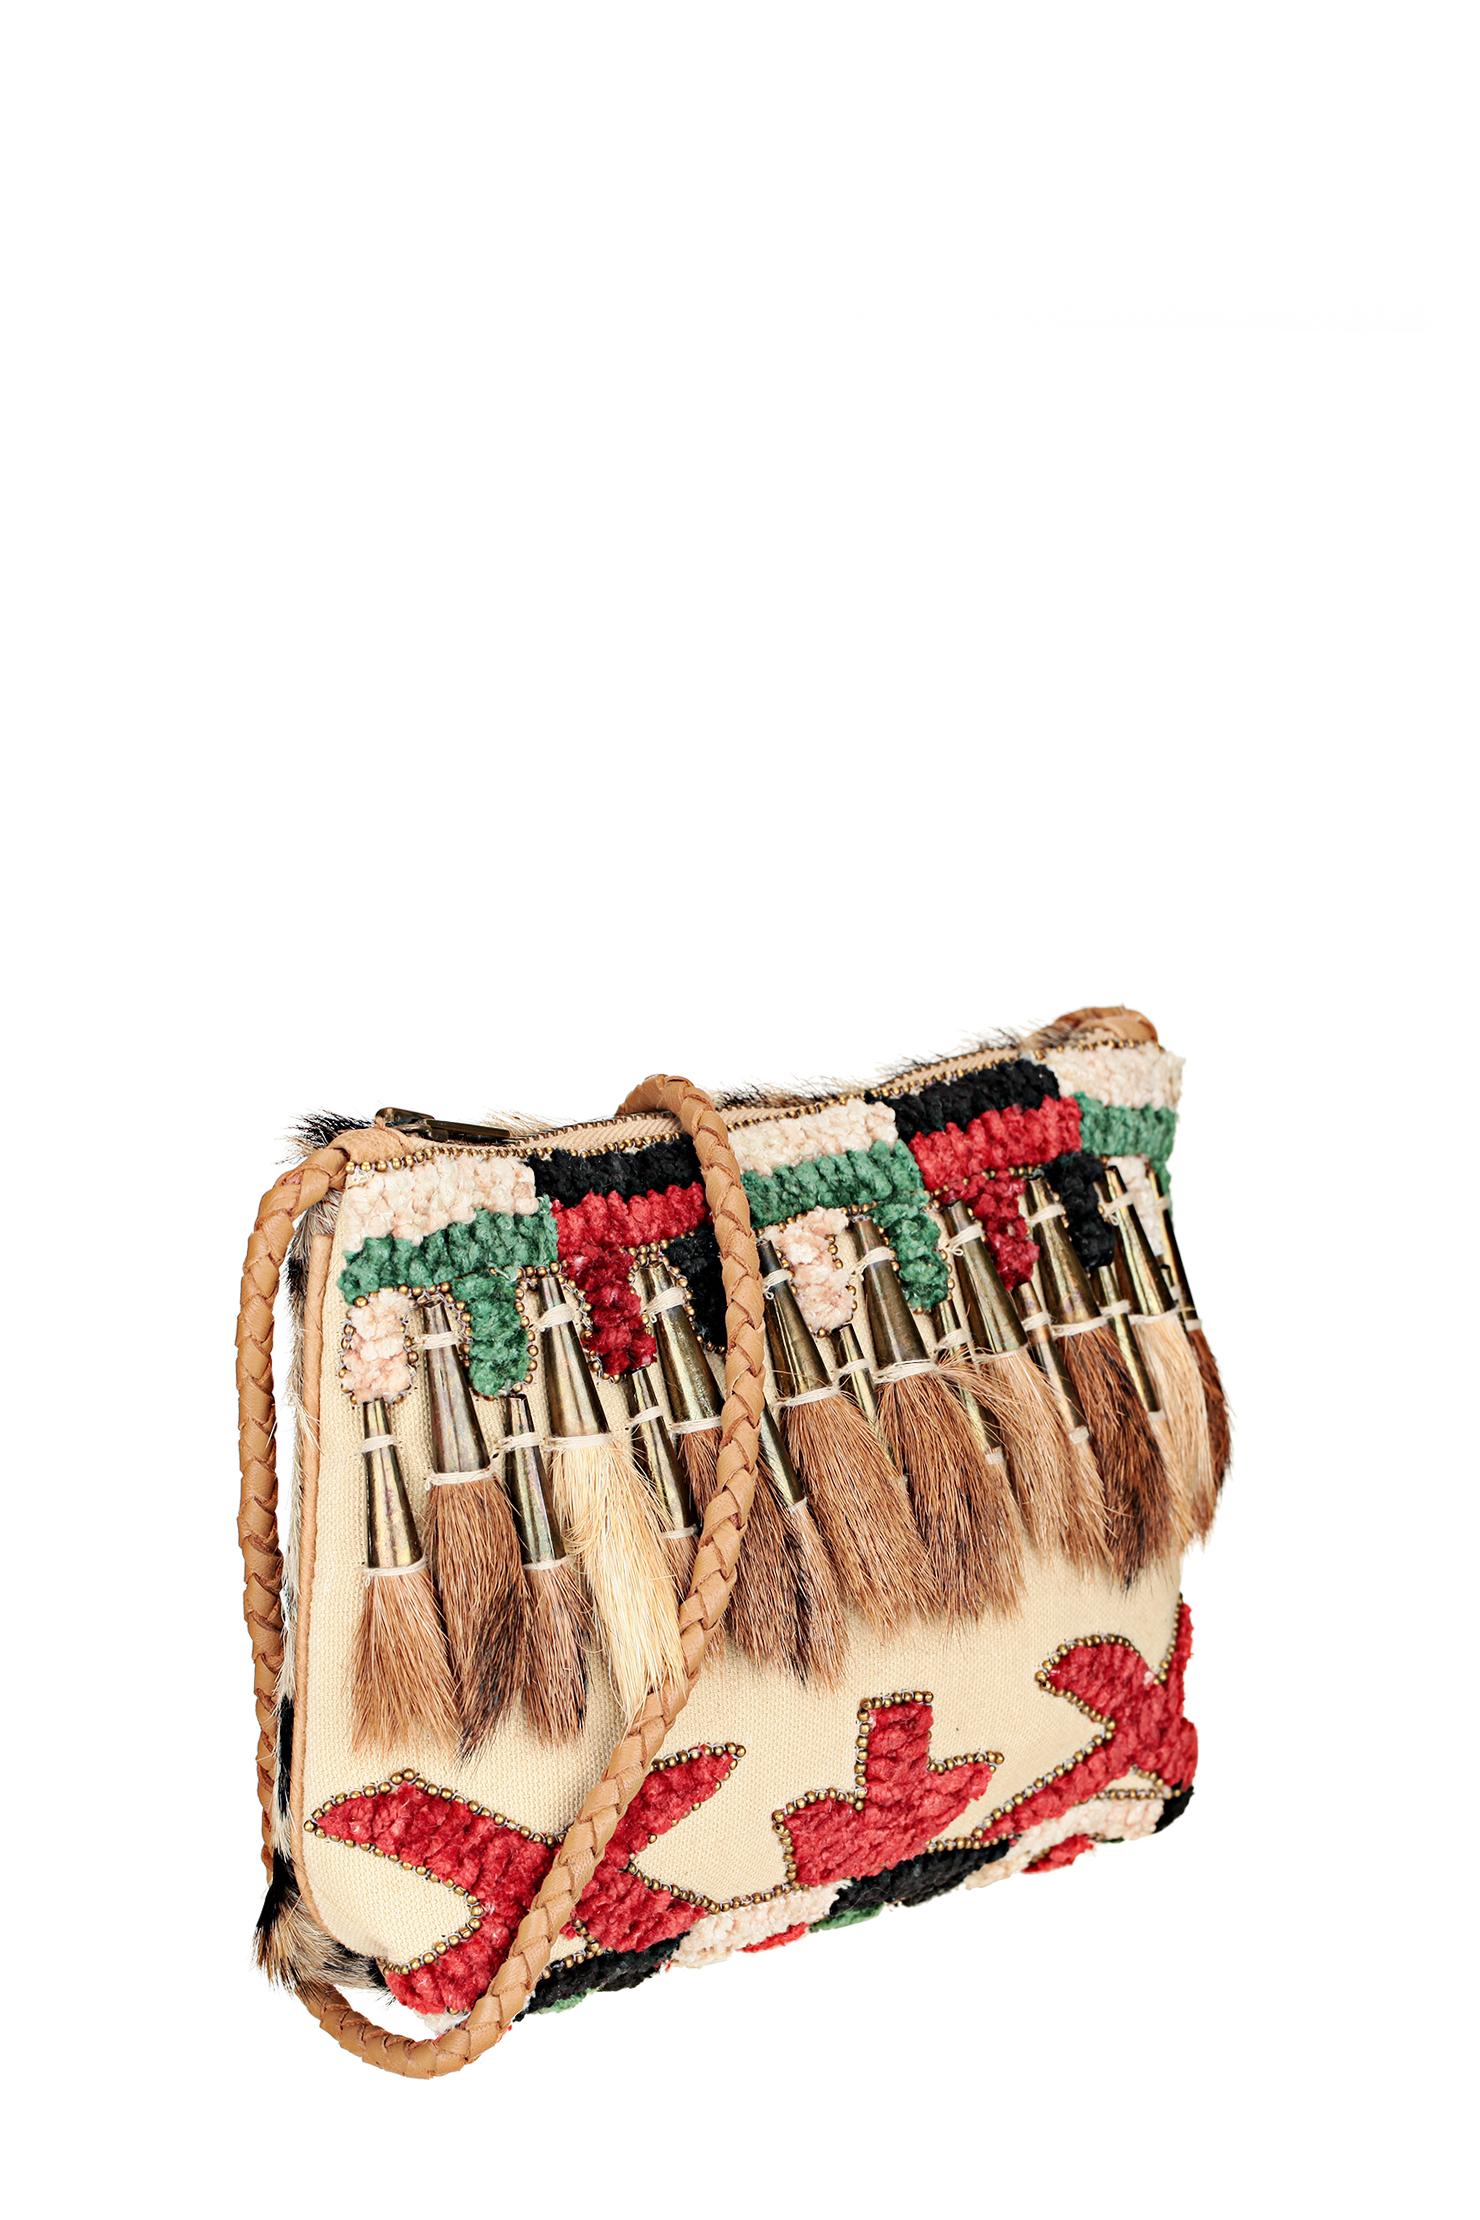 Antik Batik Handbags Handbags 2018